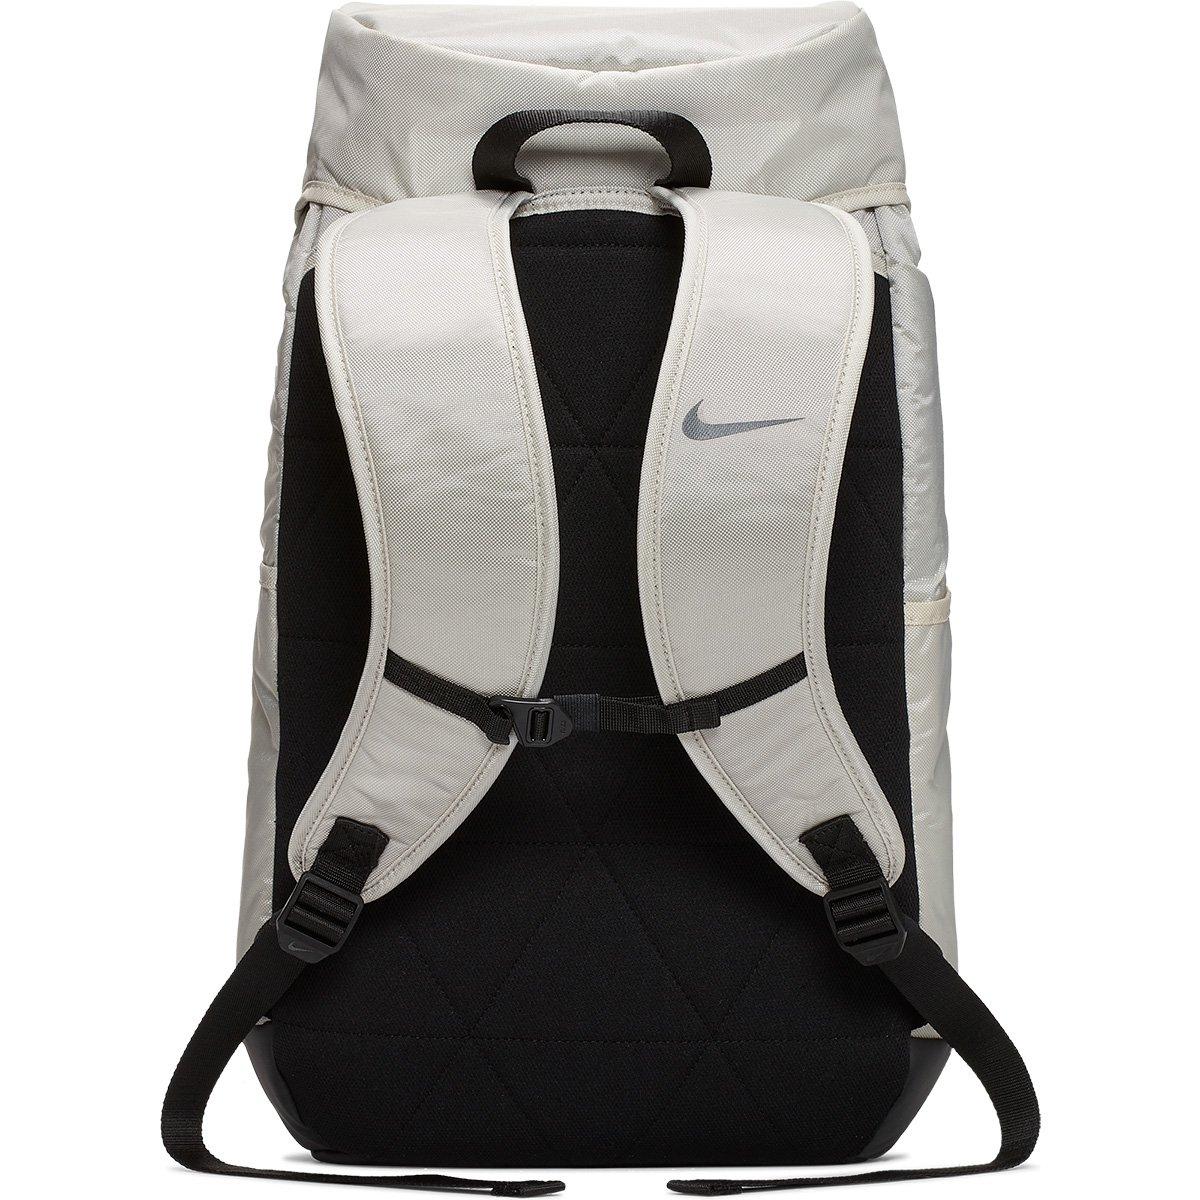 b4ea291cc4 Mochila Nike Vapor Speed 2.0 - 34 Litros | Livelo -Sua Vida com Mais ...